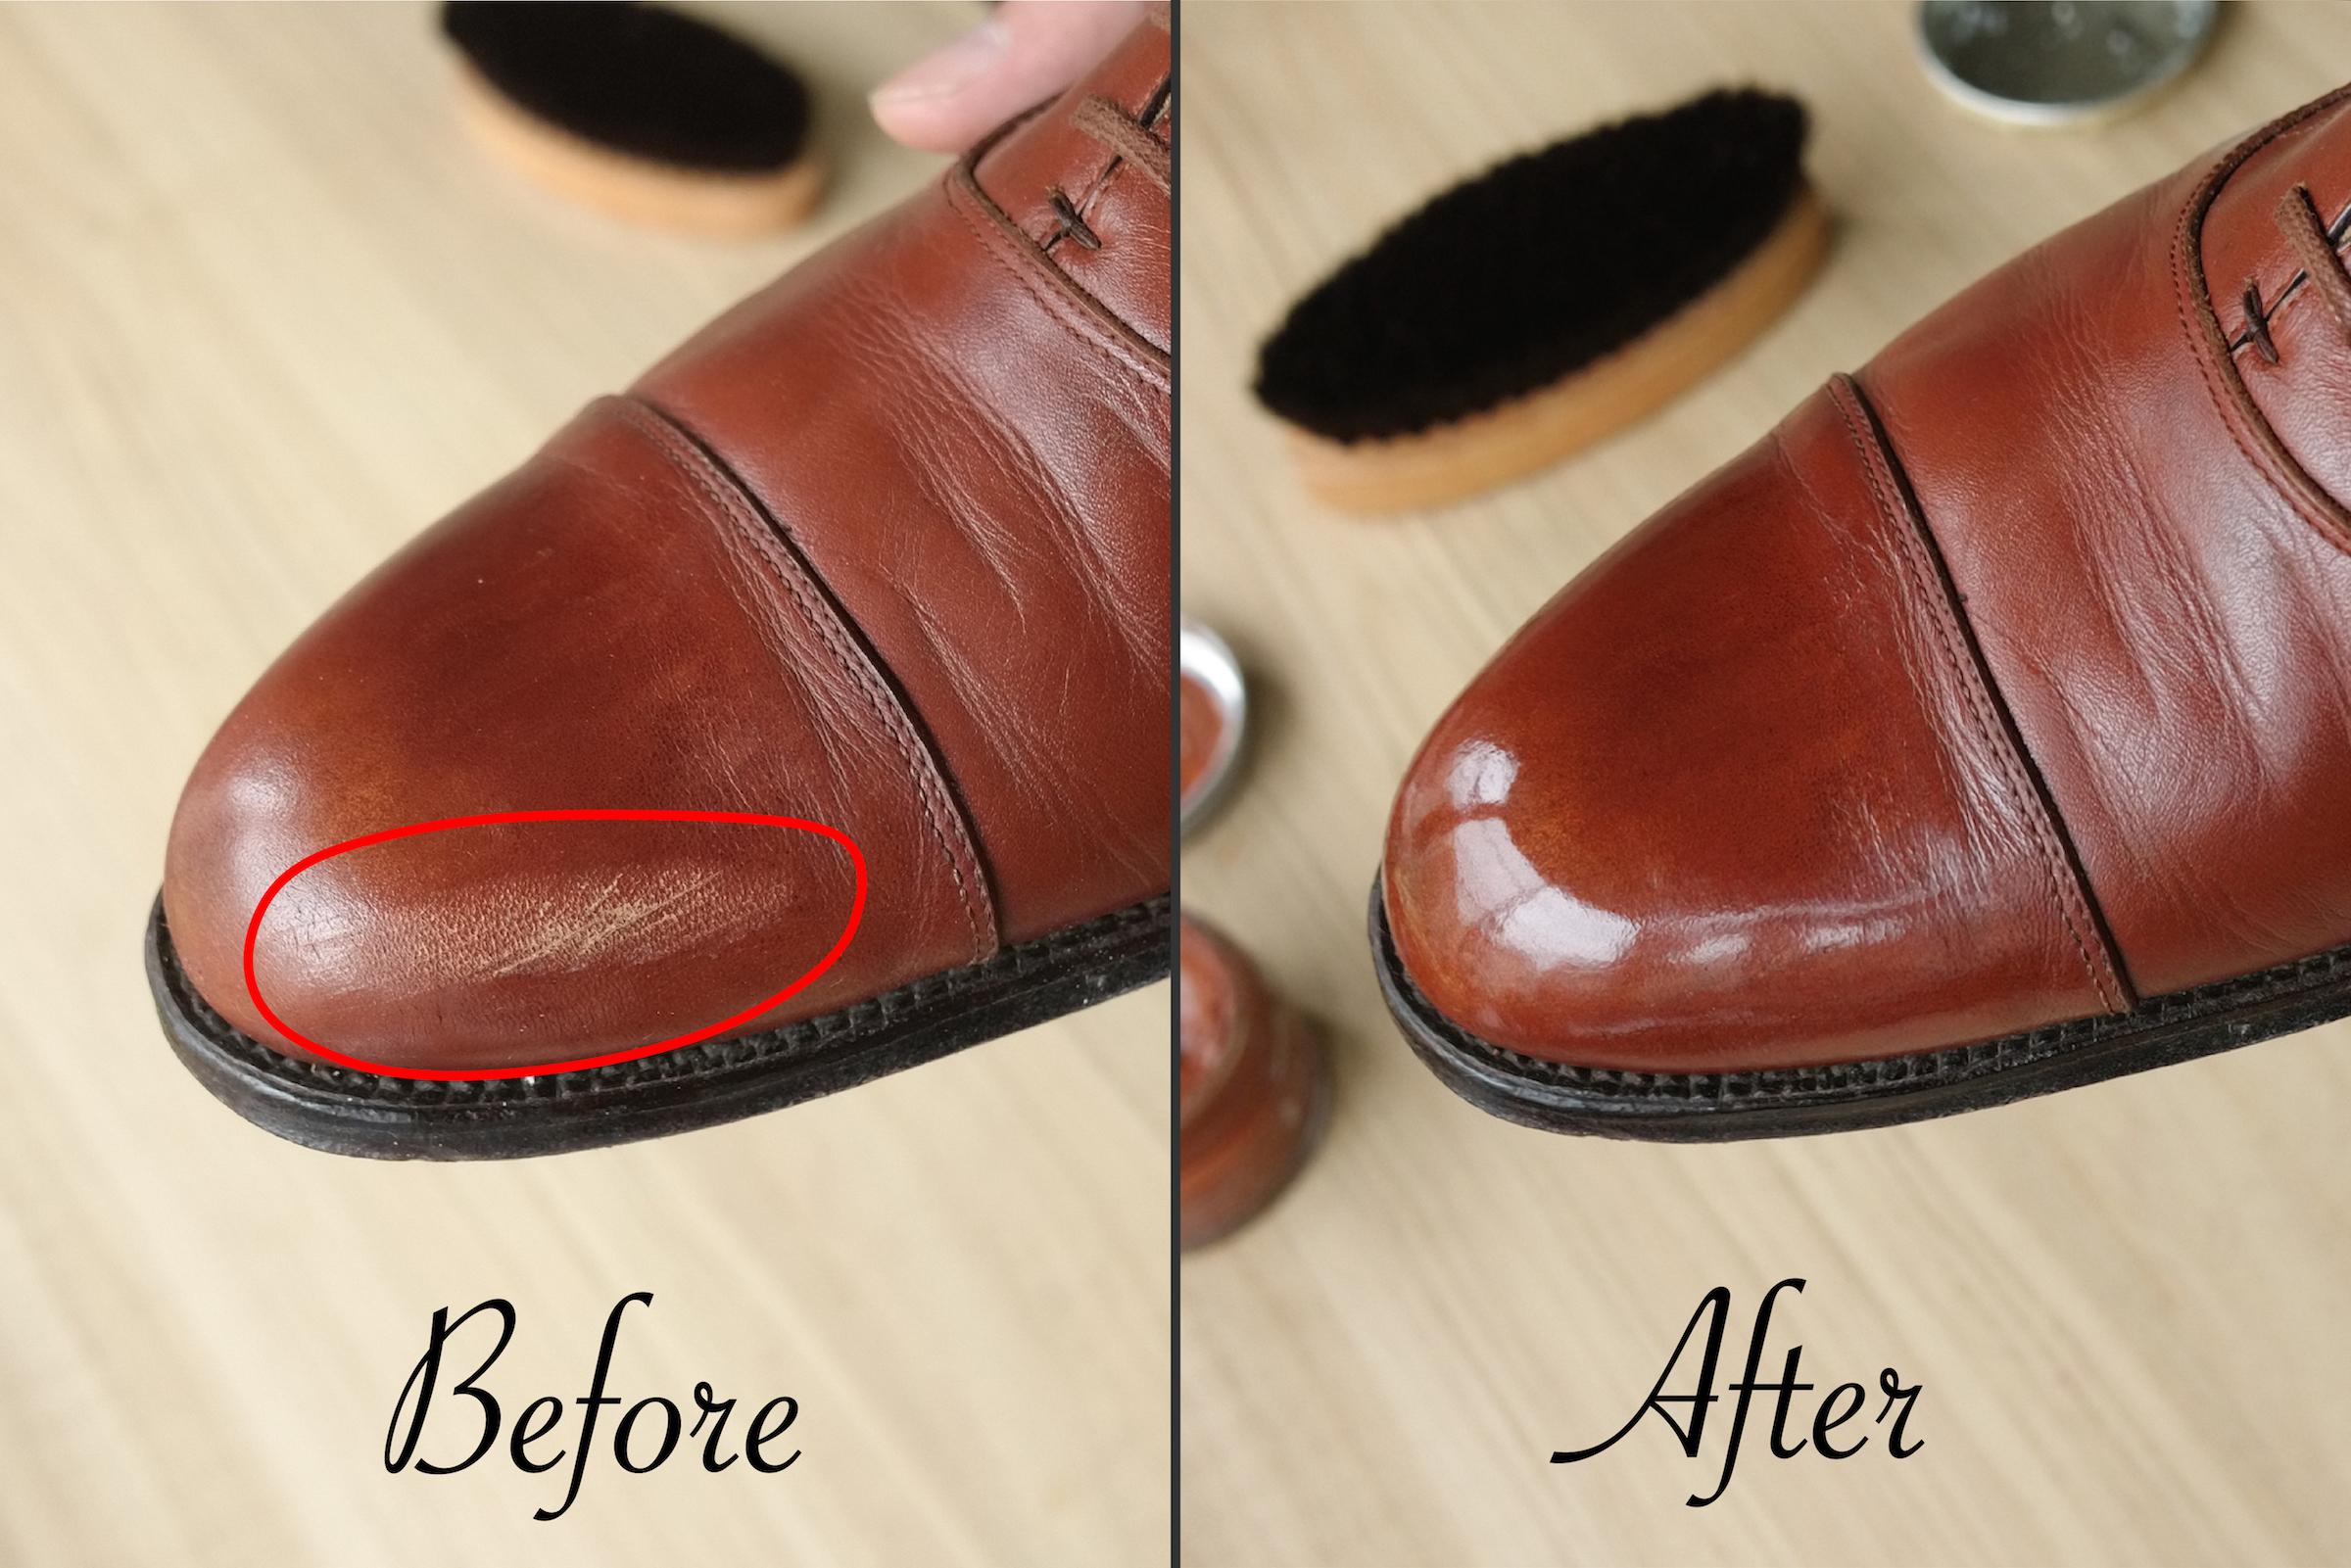 革靴の傷を自宅で簡単 \u0026 綺麗に補修する方法(擦りキズ、えぐれ、へこみなど)